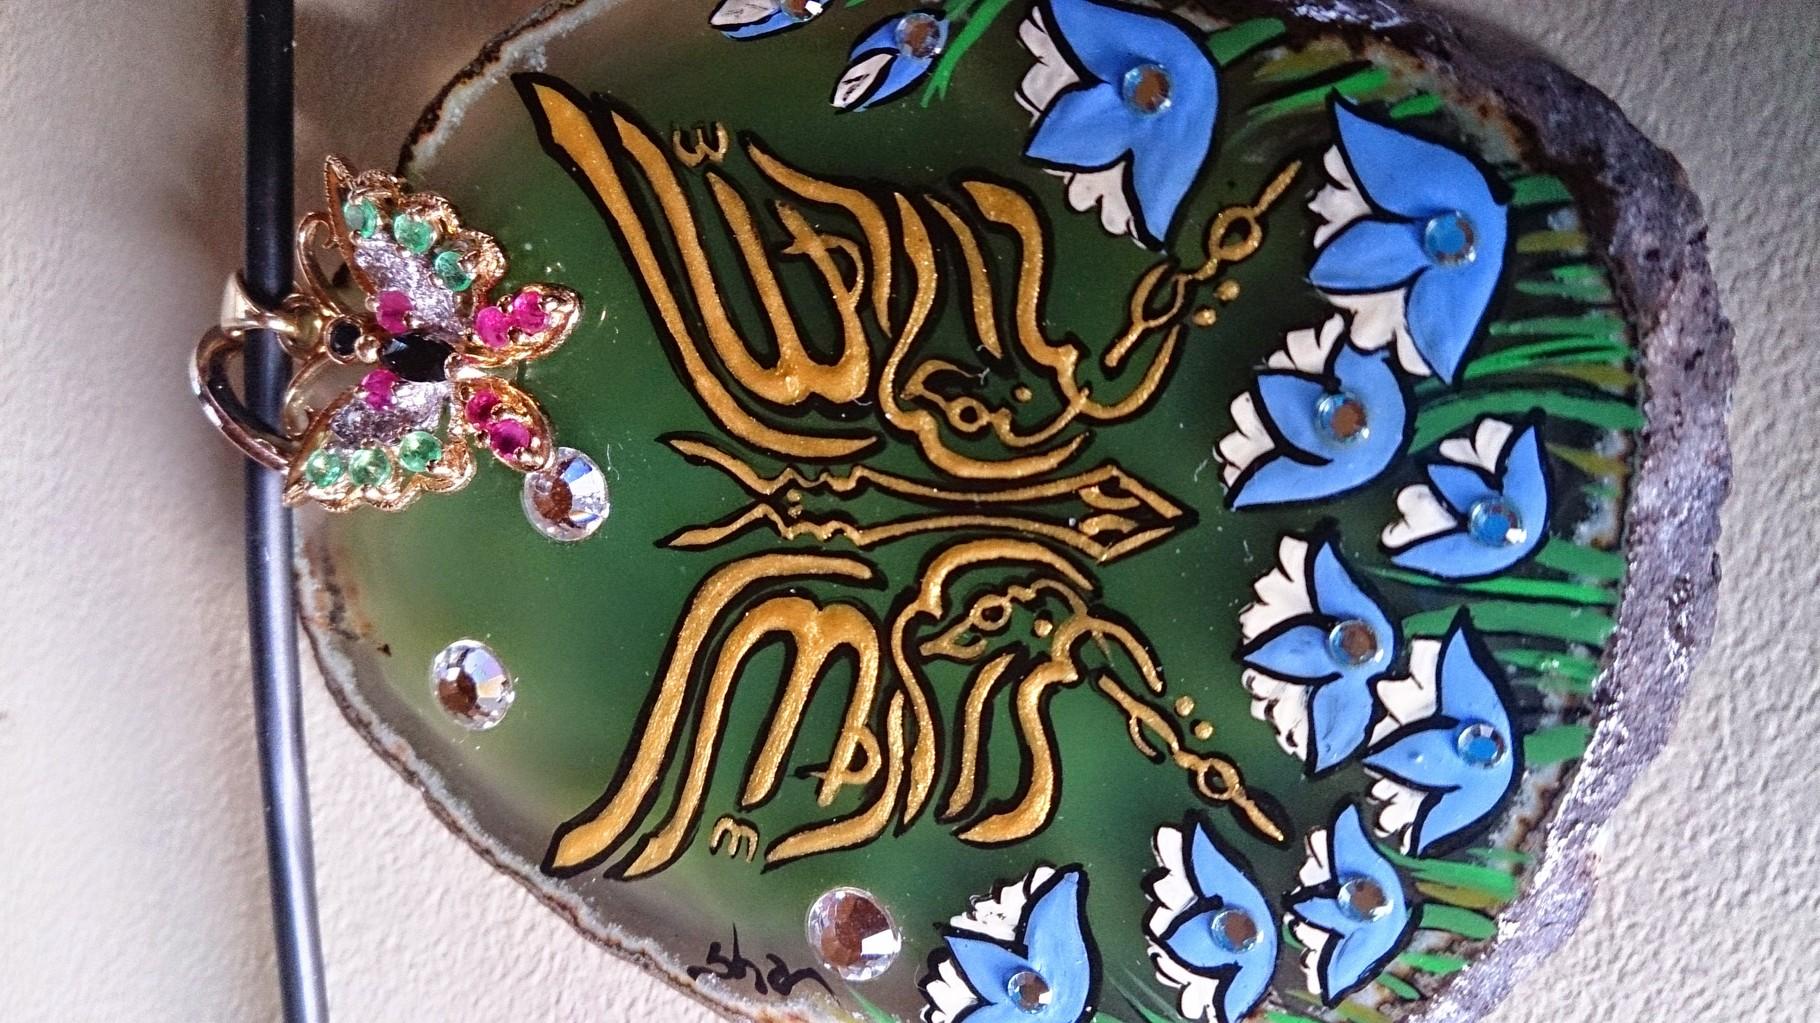 ~ Bild: Bismillahirrahmanirraheem (Basmala) (Im Namen Allahs, des Allerbarmers, des Barmherzigen) - beidseitig ☺☺ ~  Elfen-Leserichtung (Spiegel) ☻